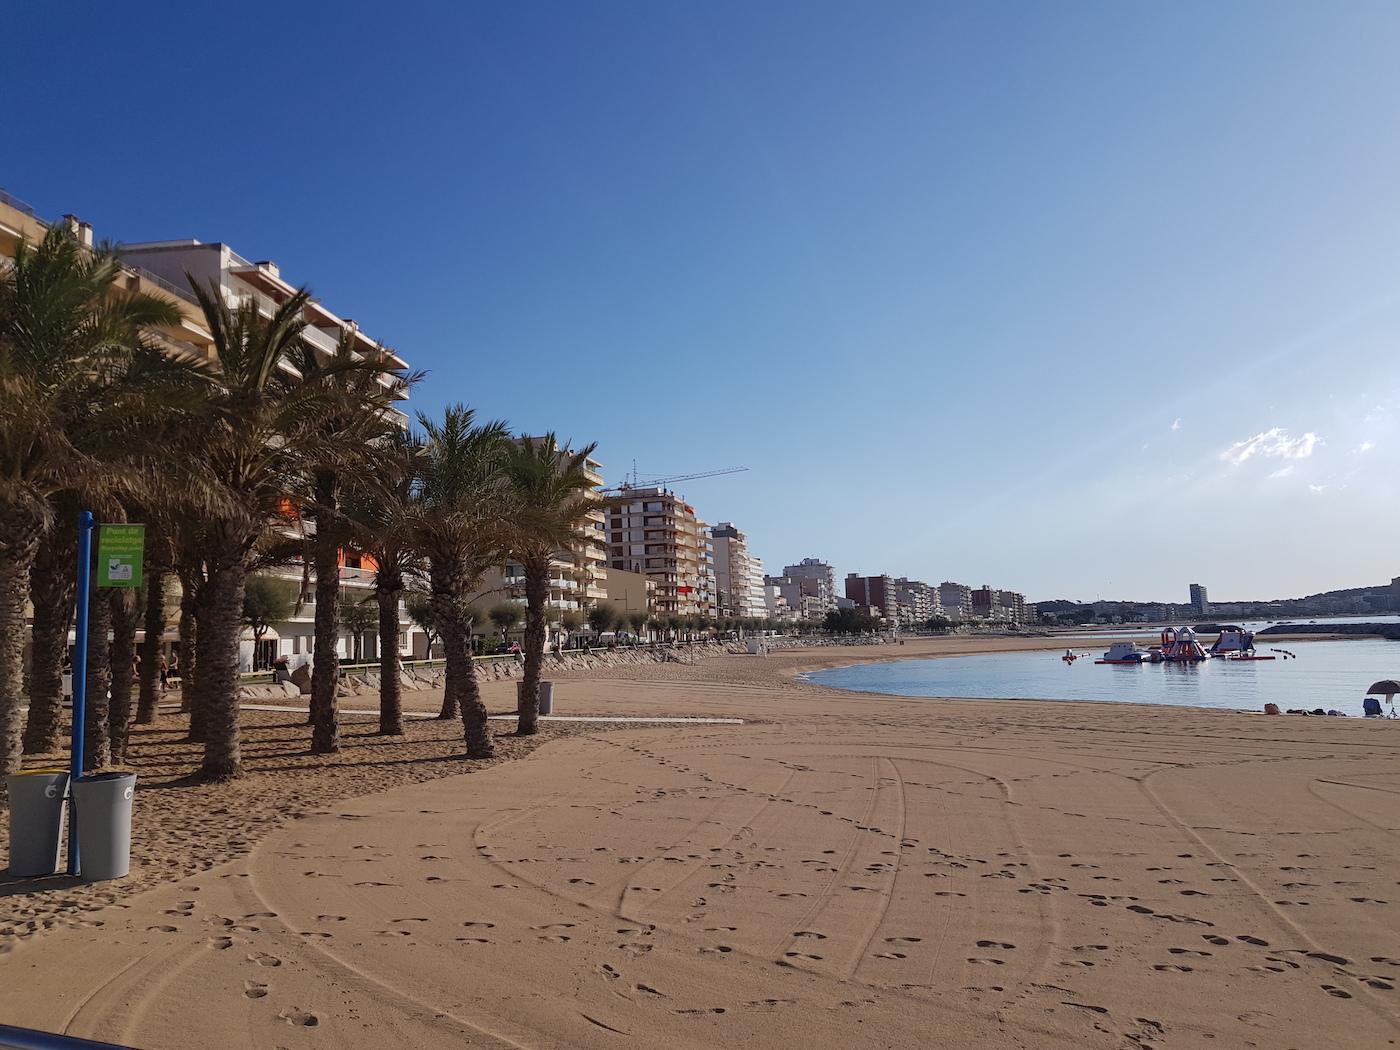 Palamos Spanje strand costa brava